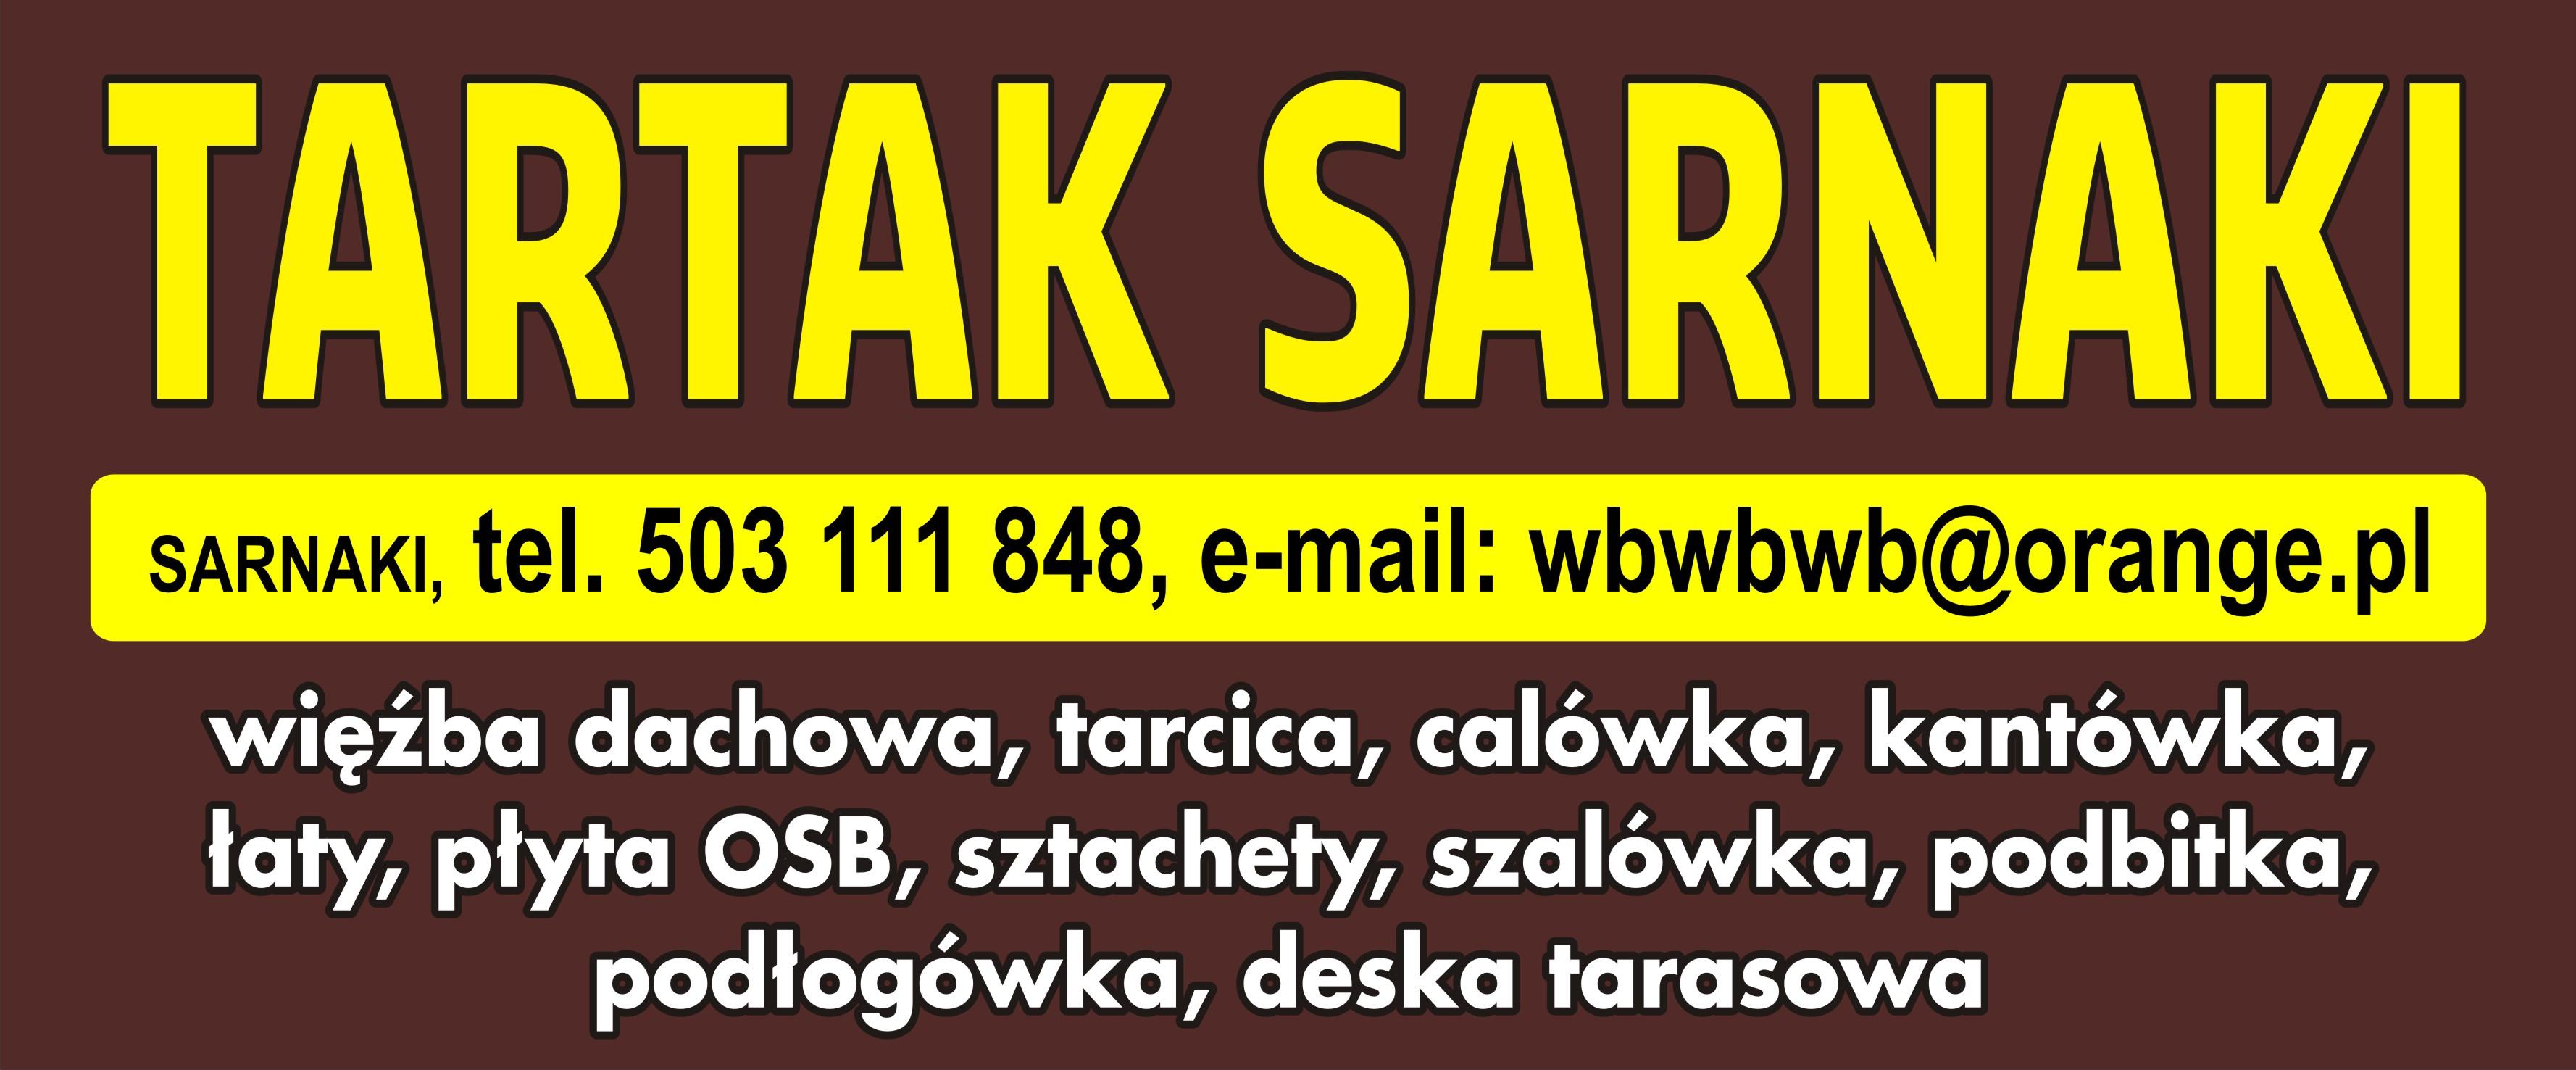 tartak sarnaki 03